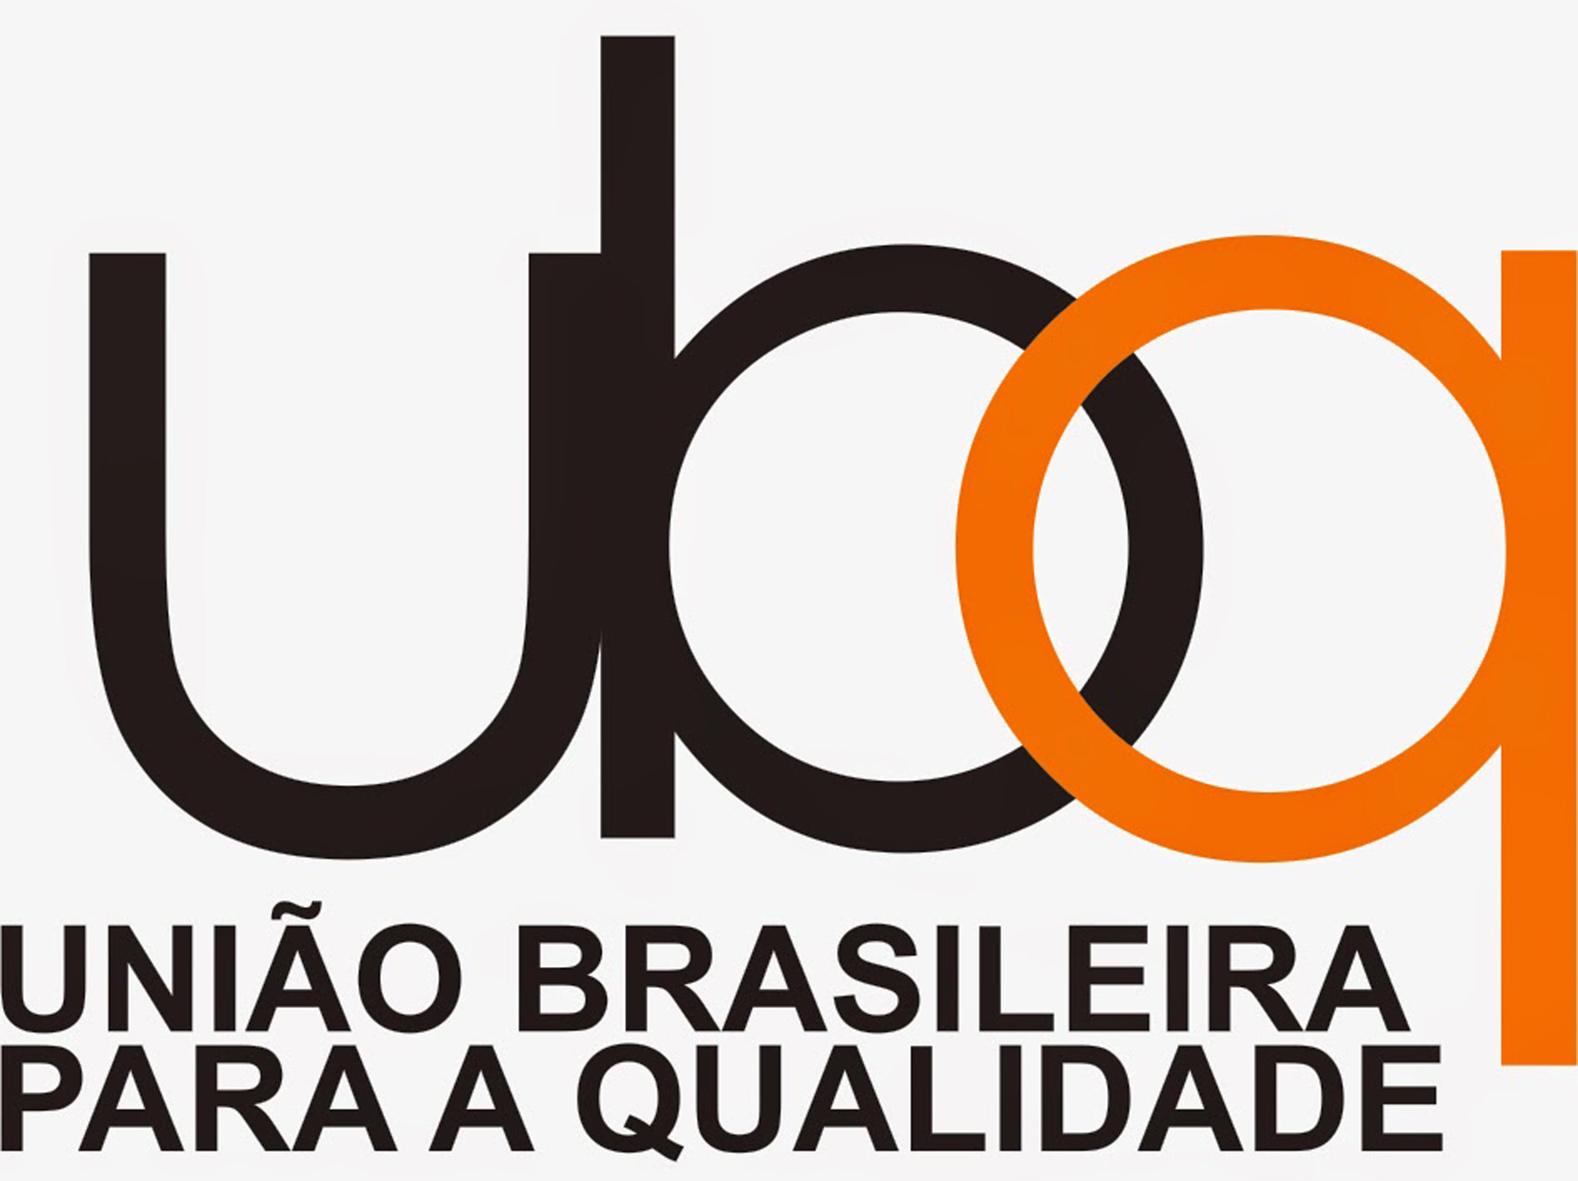 União_Brasileira_para_a_Qualidade_-_UBQ.jpg